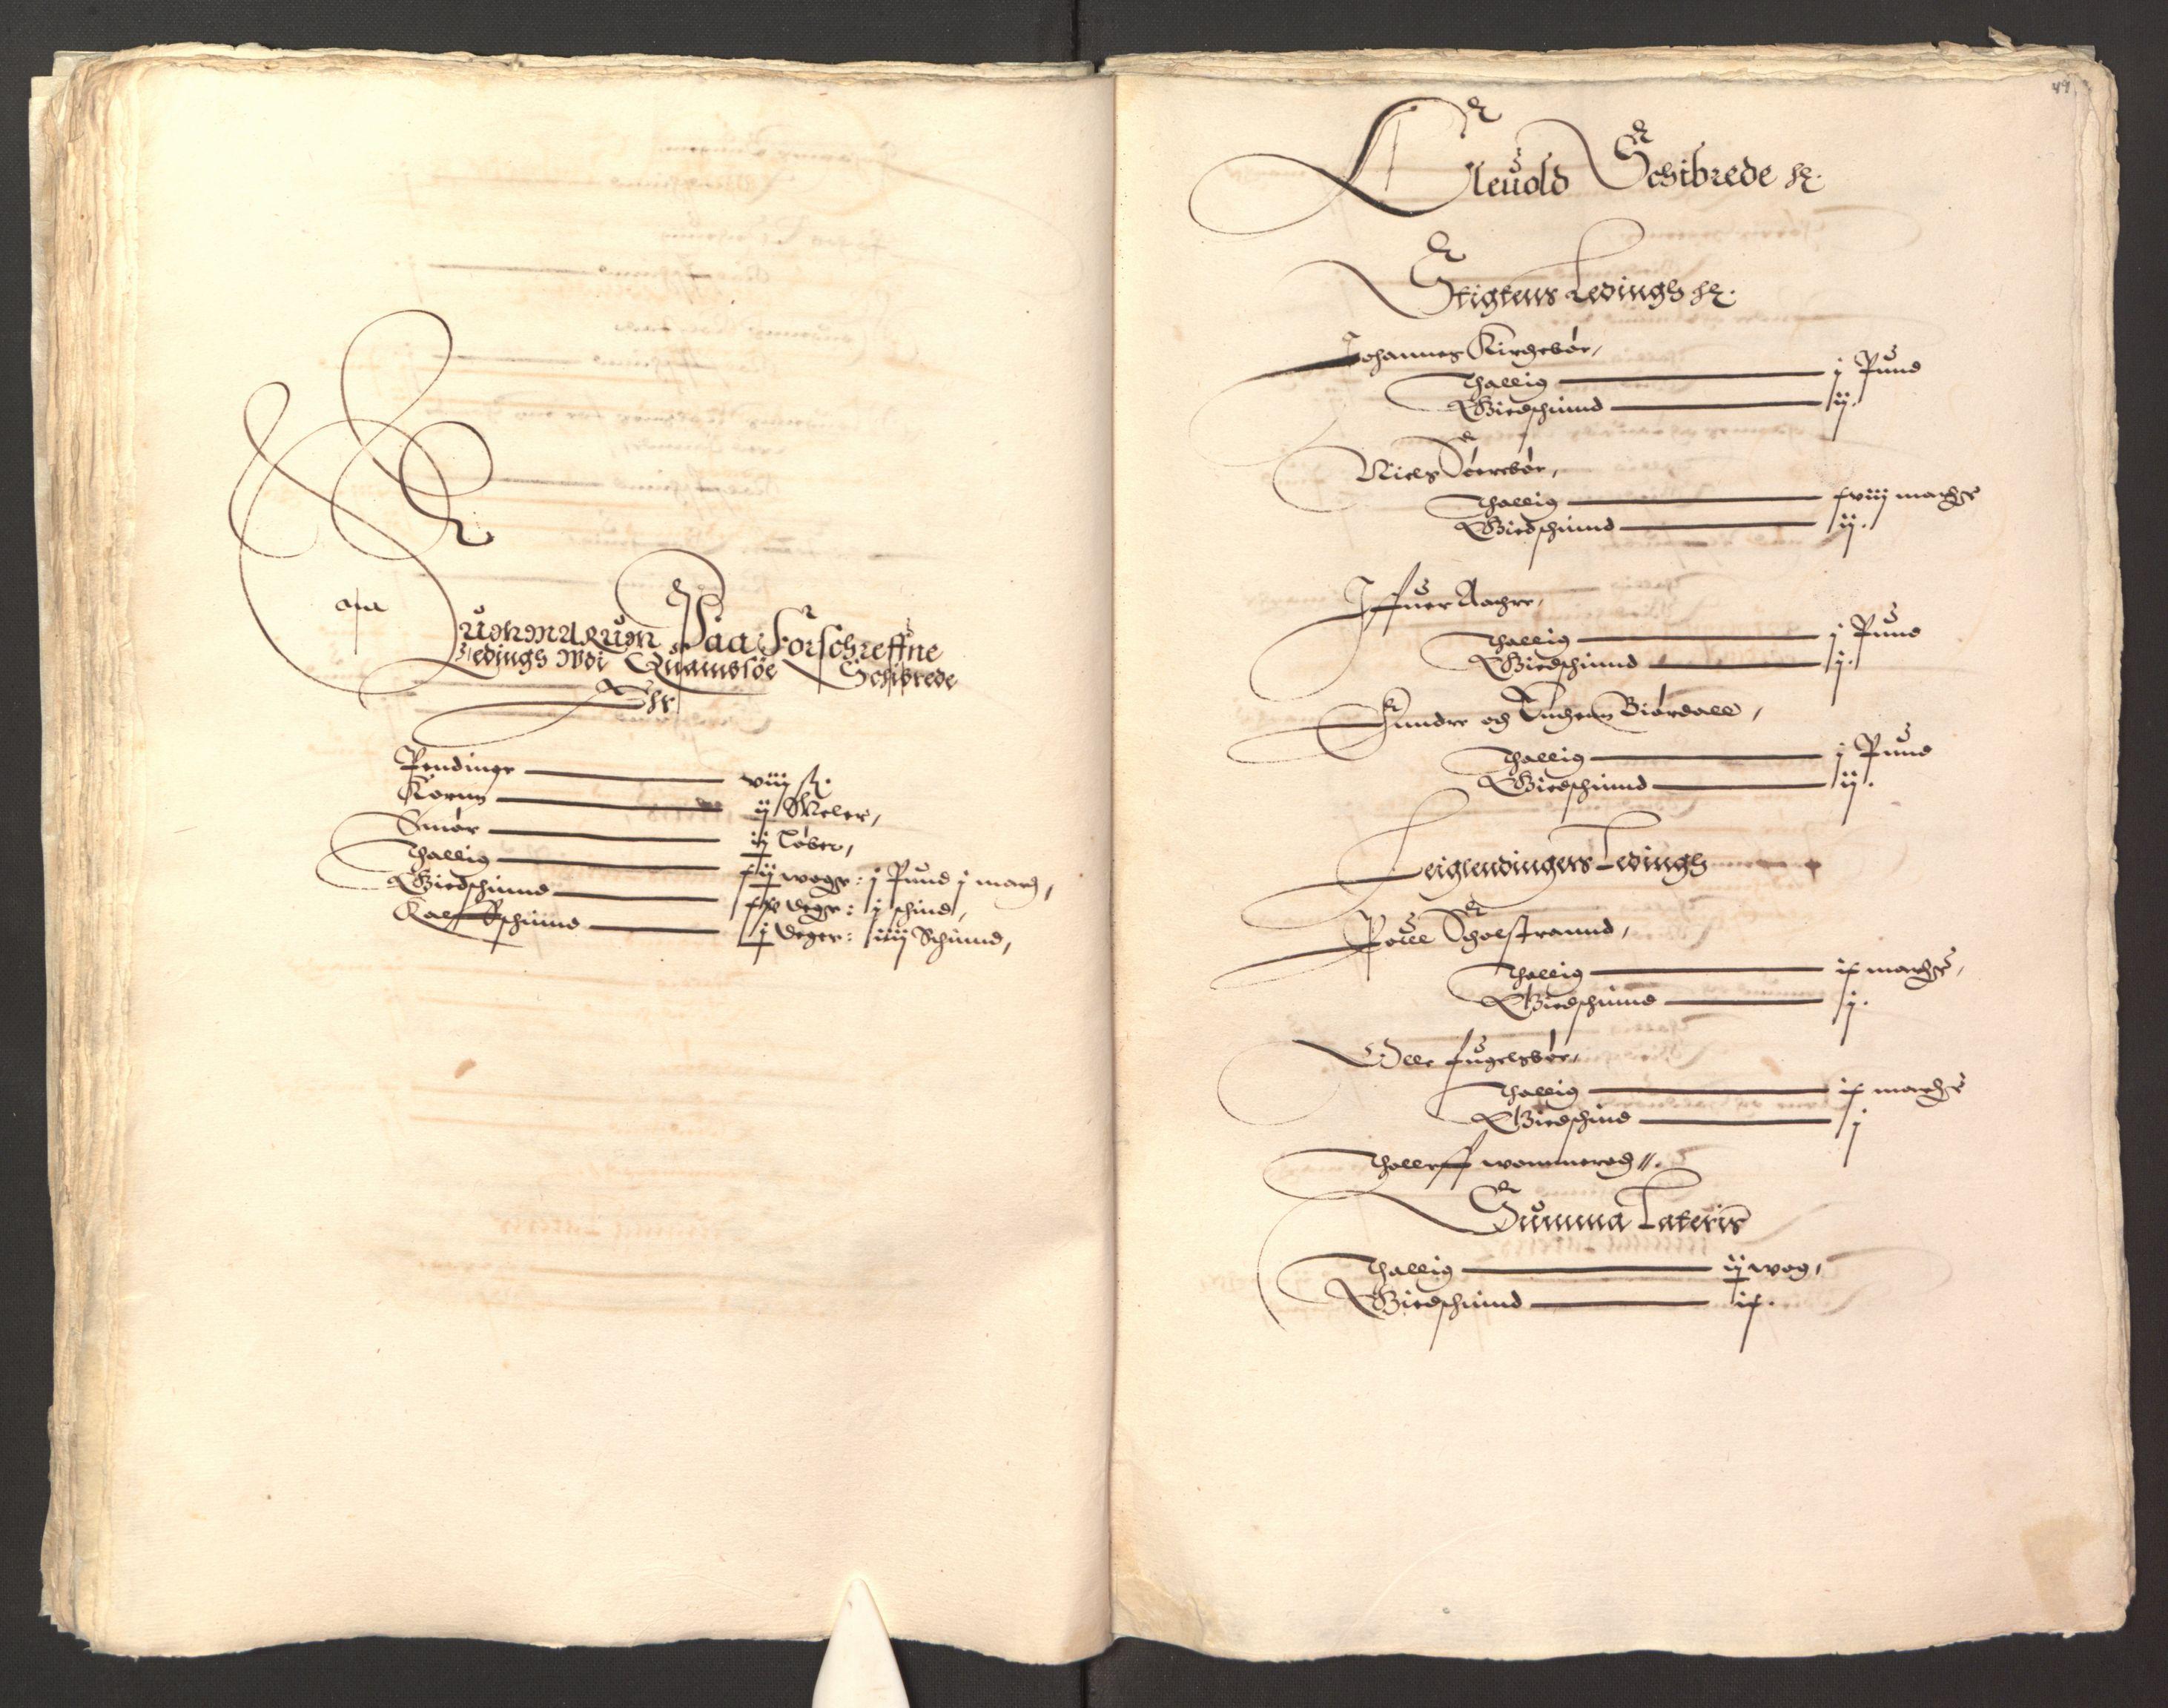 RA, Stattholderembetet 1572-1771, Ek/L0003: Jordebøker til utlikning av garnisonsskatt 1624-1626:, 1624-1625, s. 165